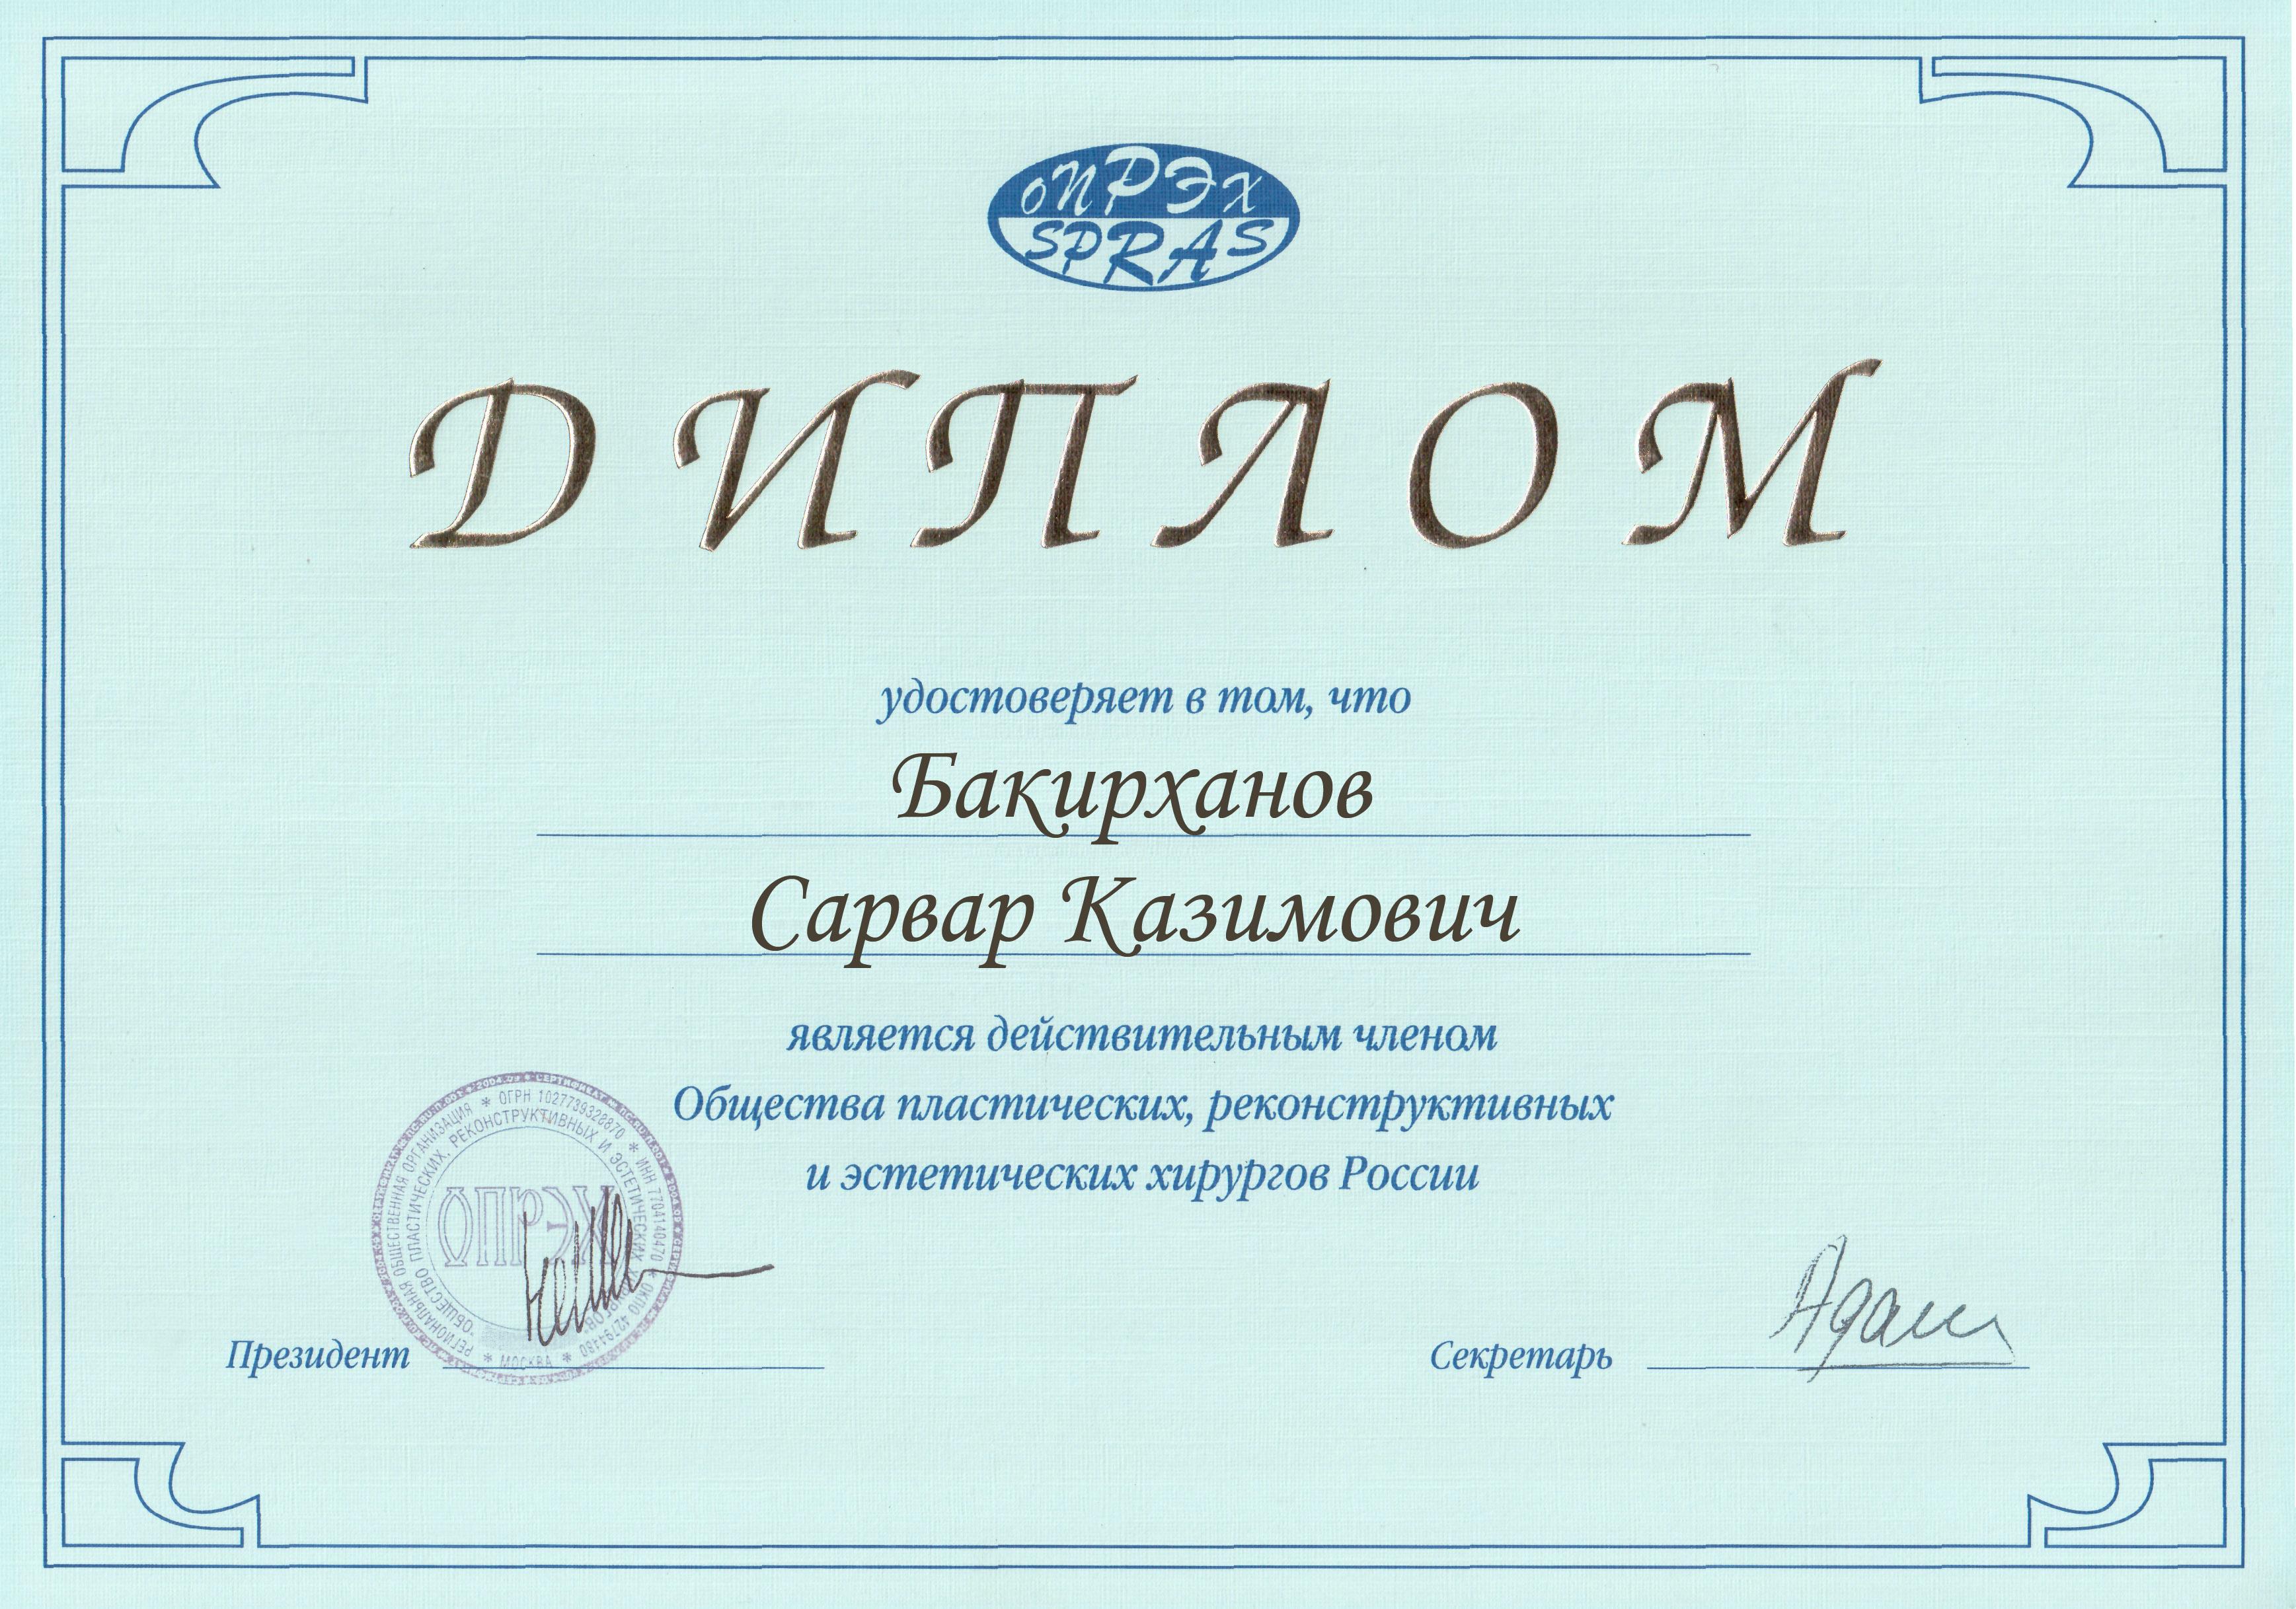 Диплом Общества пластических, реконструктивных и эстетических хирургов России